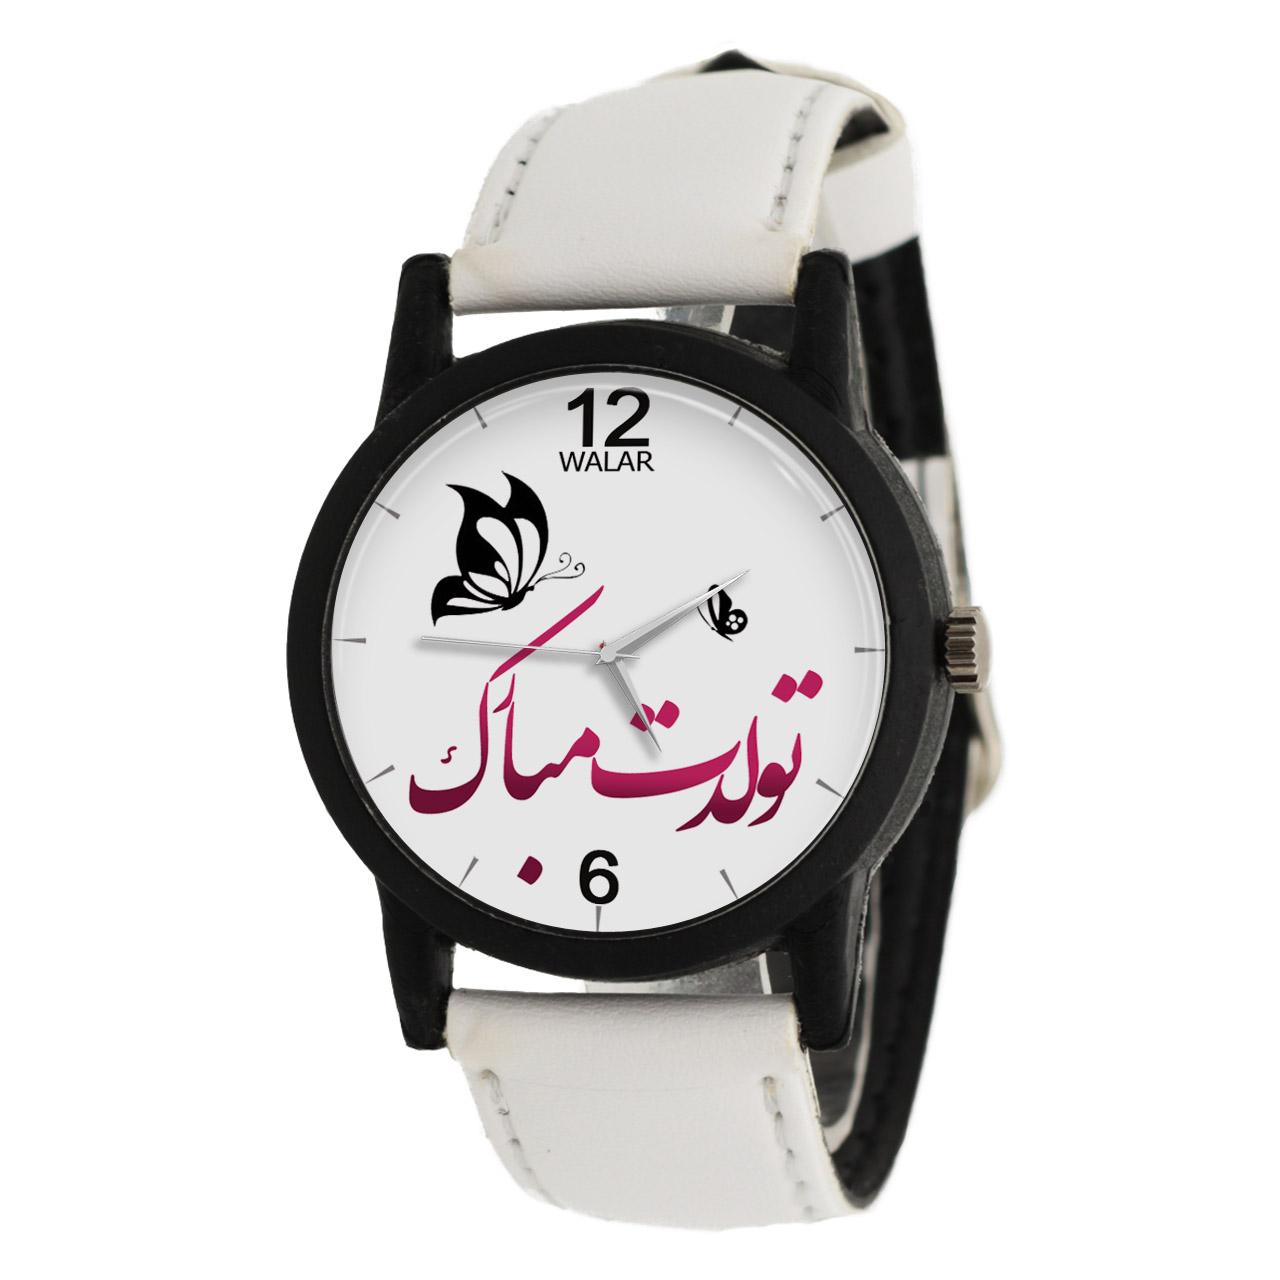 ساعت مچی عقربه ای زنانه والار مدل LF1480 14